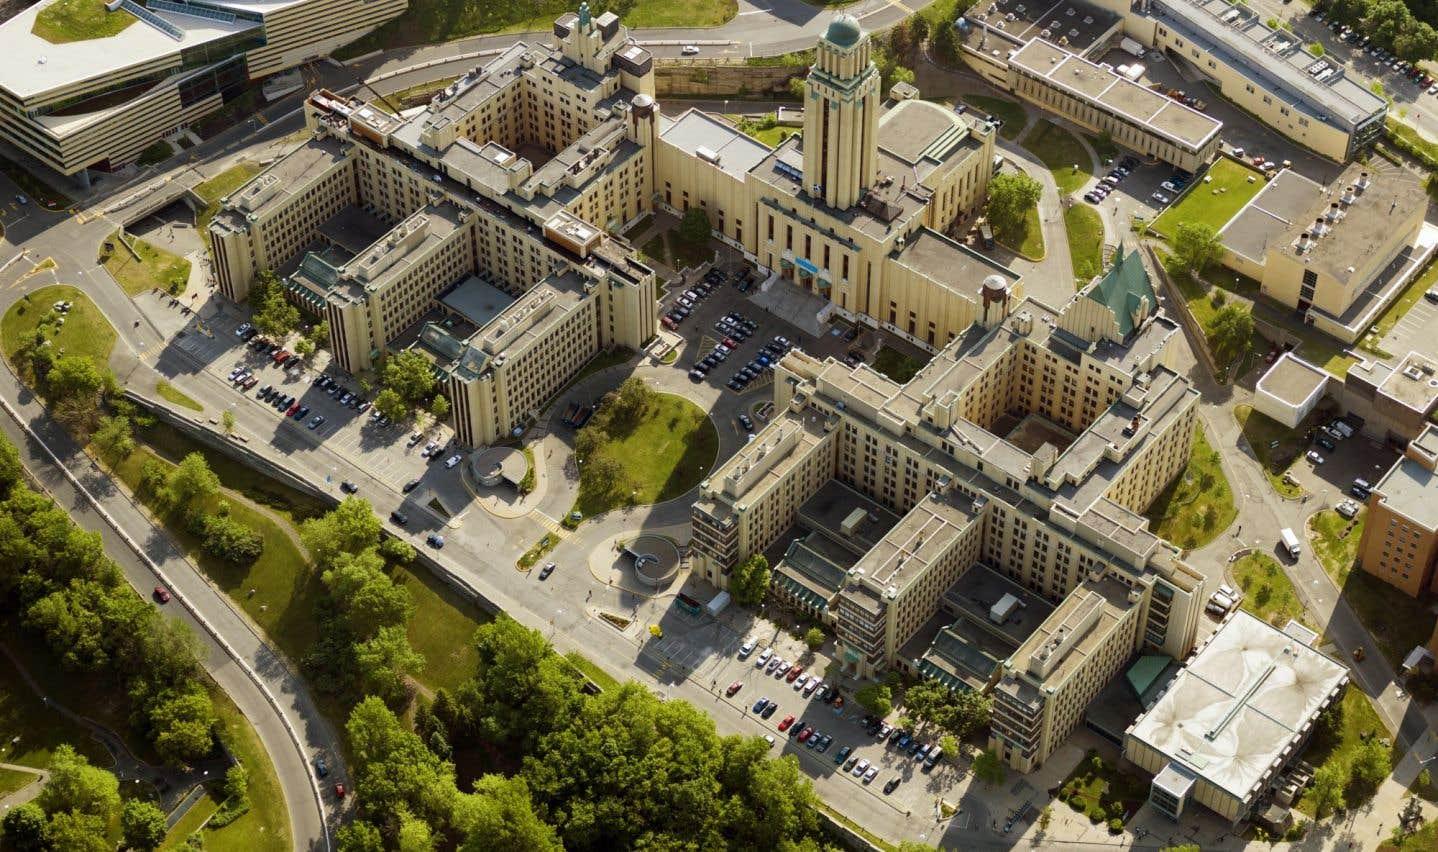 Fin des études supérieures en conservation à l'Université de Montréal